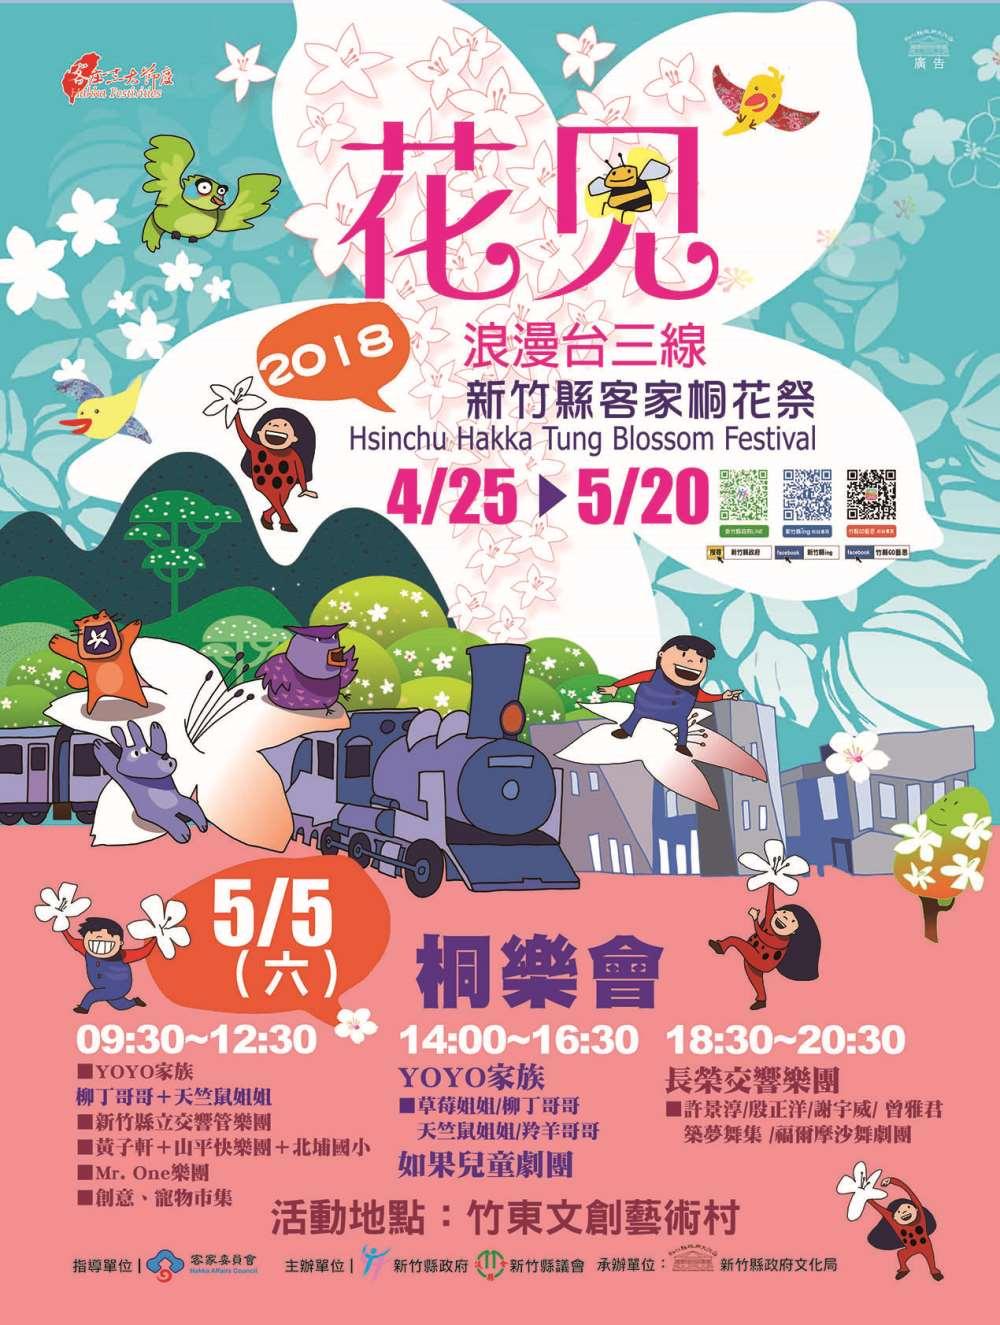 「花現浪漫台三線 2018新竹縣客家桐花祭」將於5月5日登場!歡迎大家一起「桐樂會」。